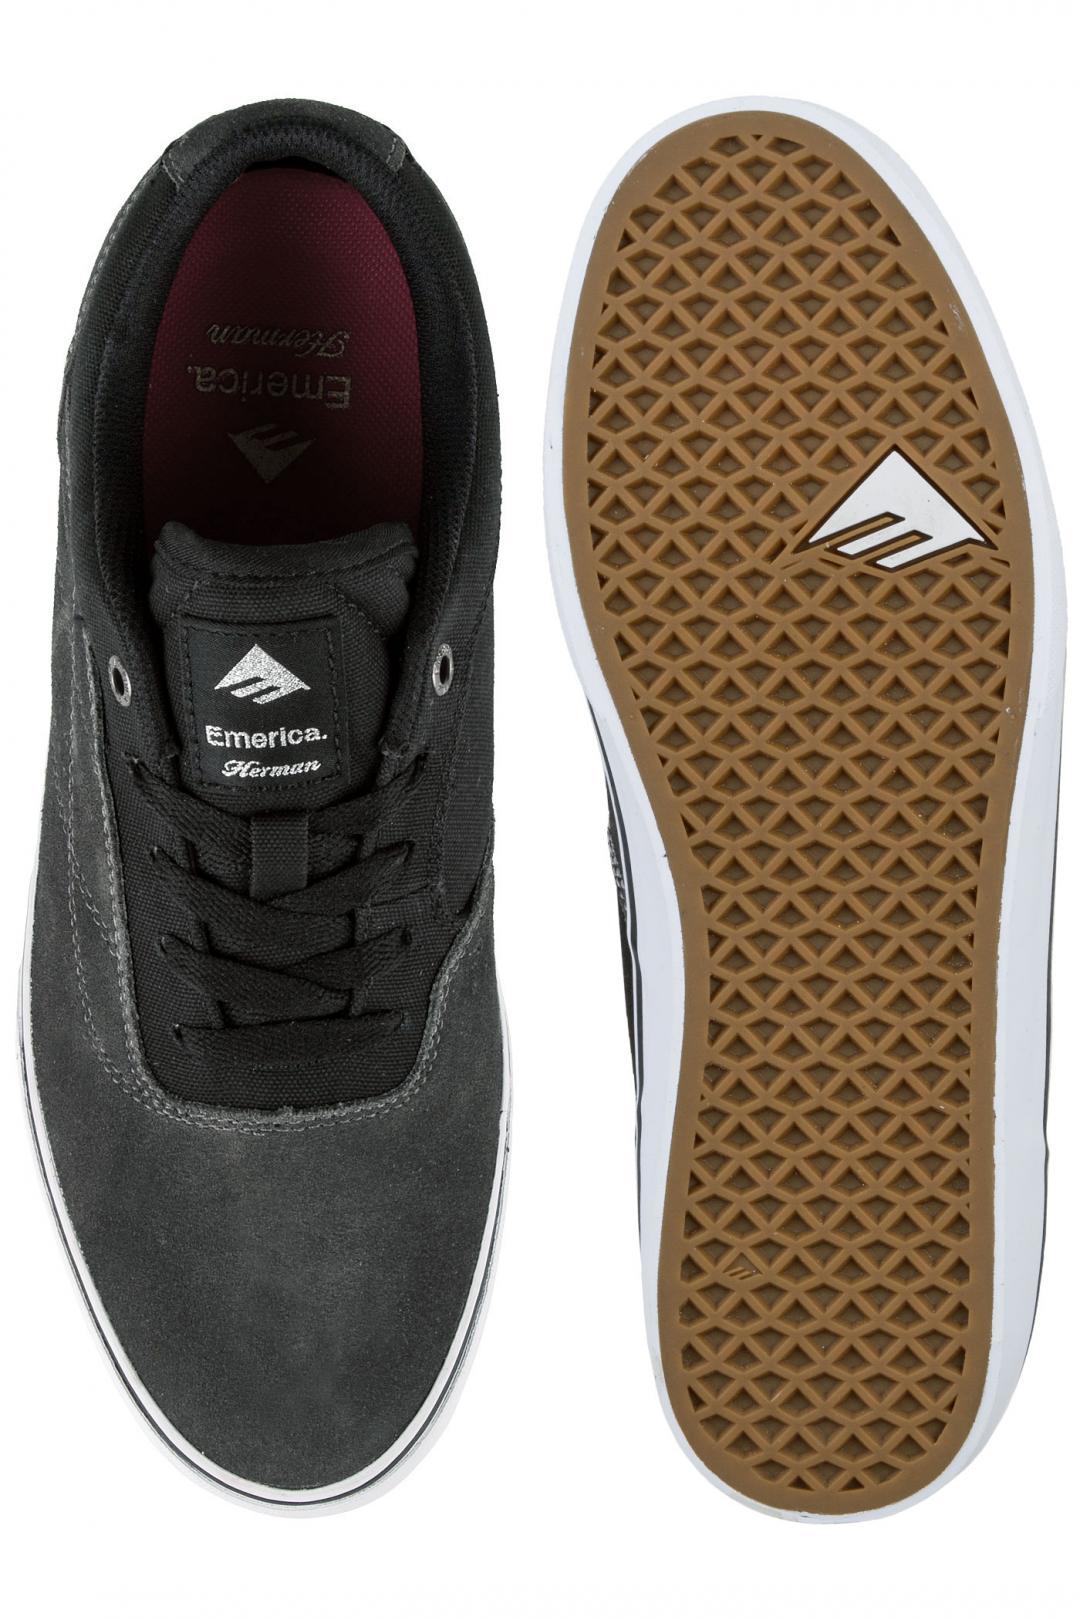 Uomo Emerica The Herman G6 Vulc black print | Scarpe da skate